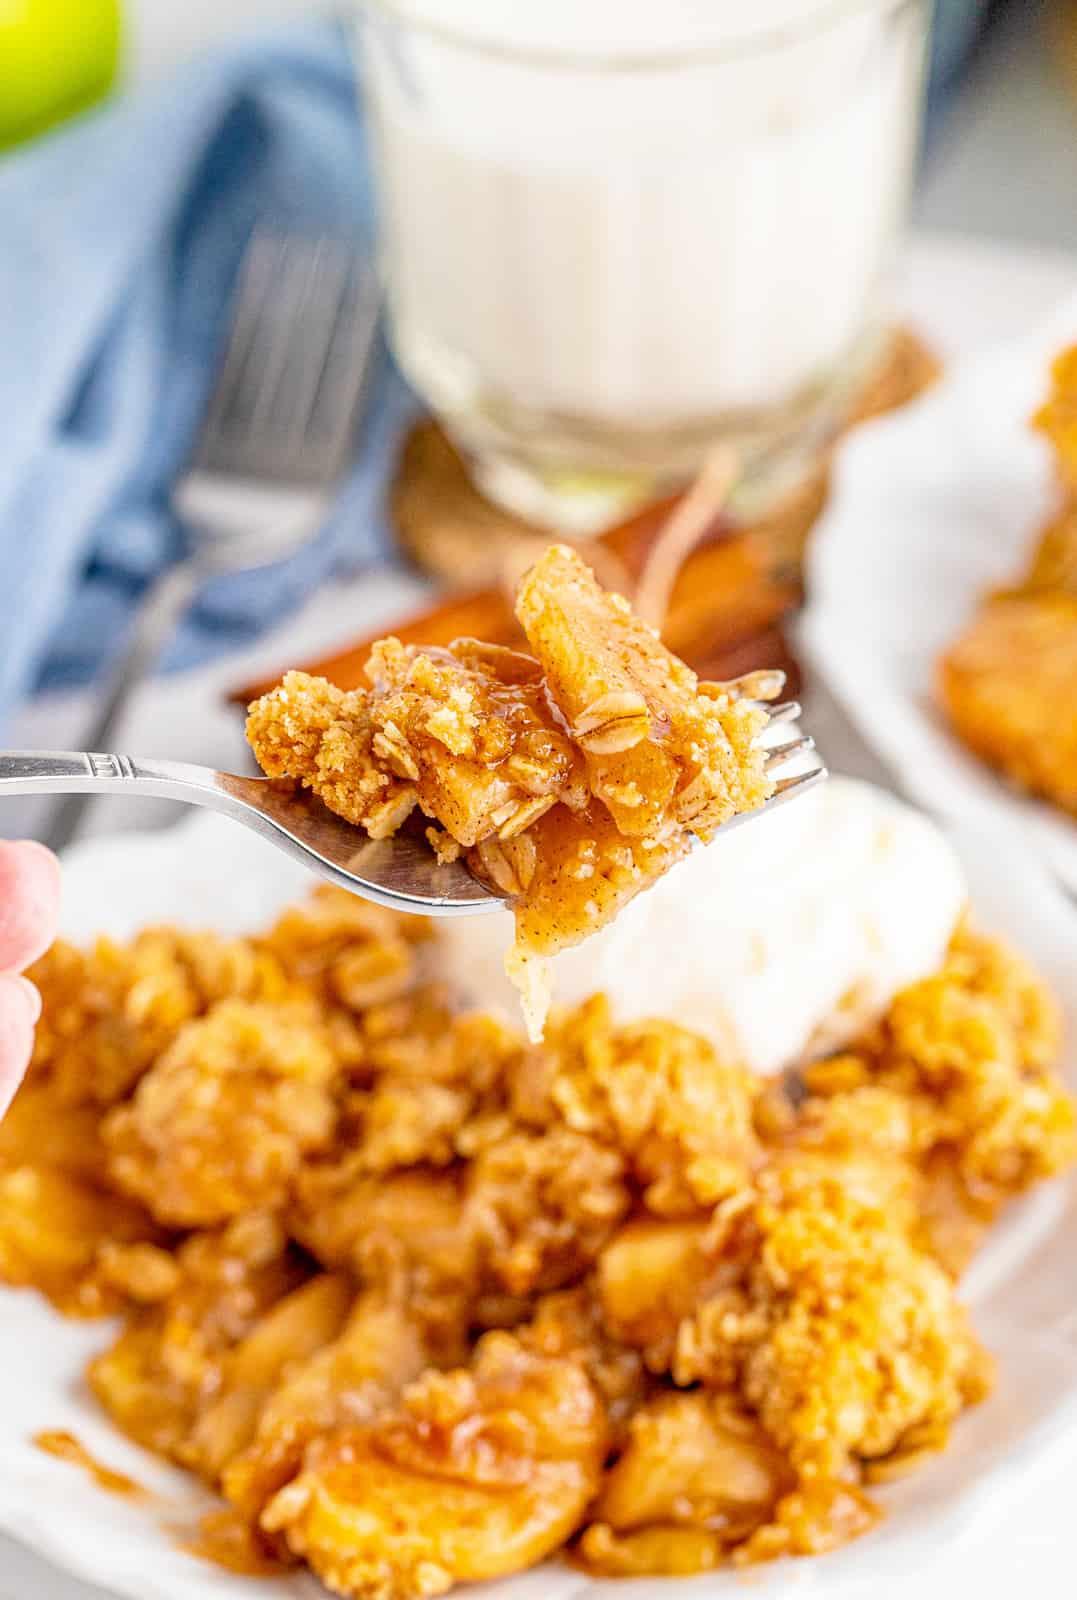 Fork full of a bite of crisp held up.